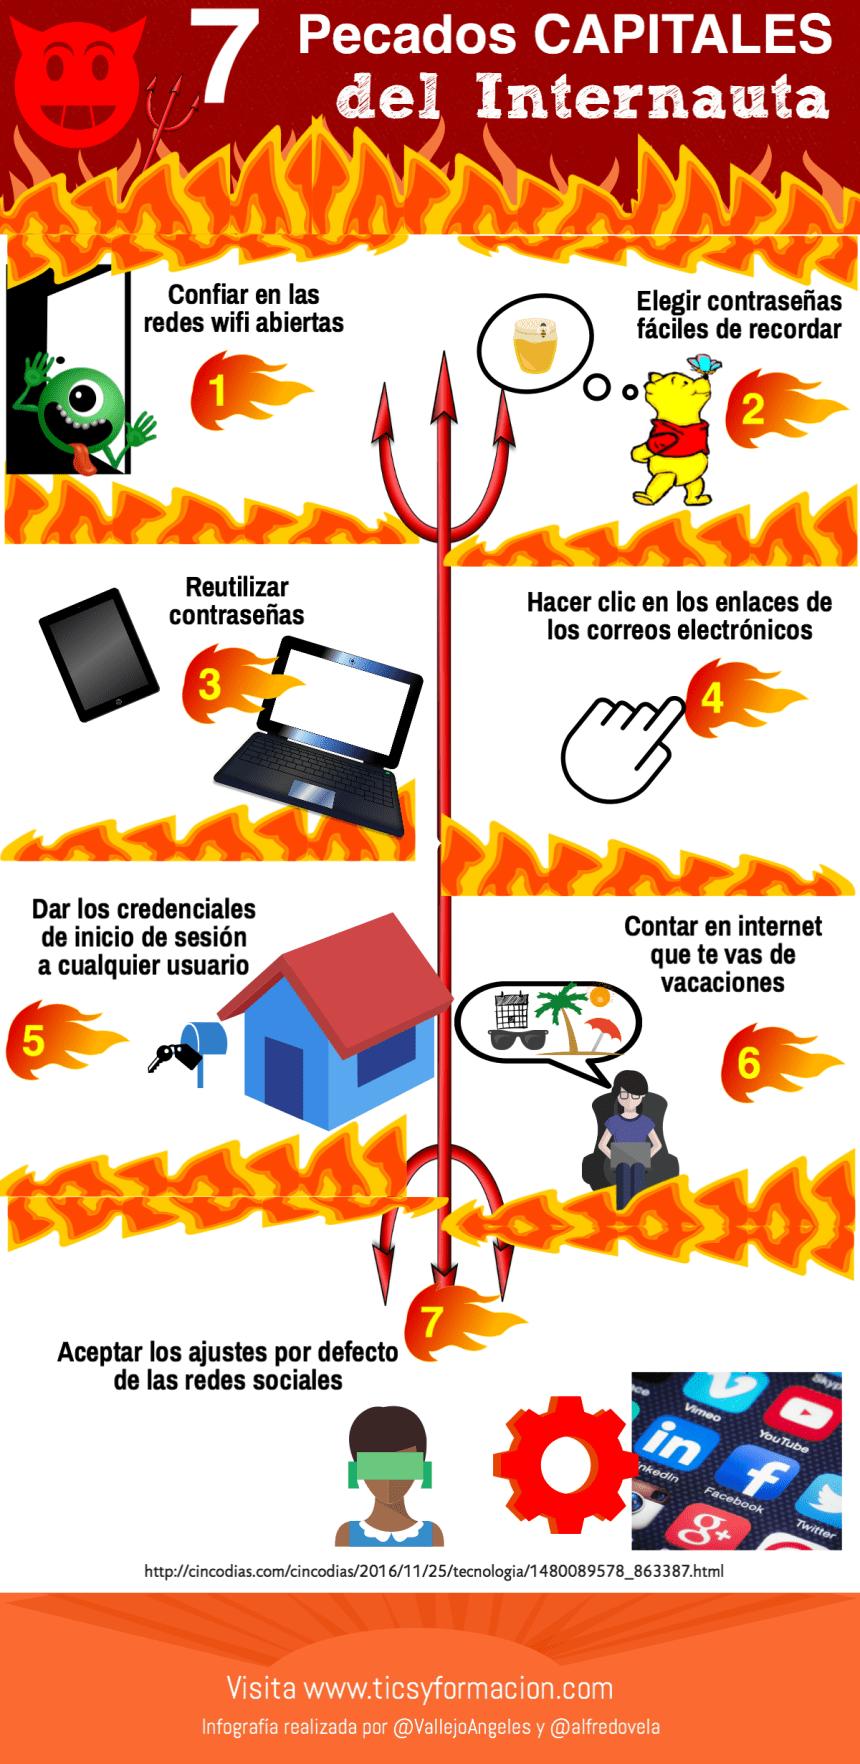 7 pecados capitales del internauta